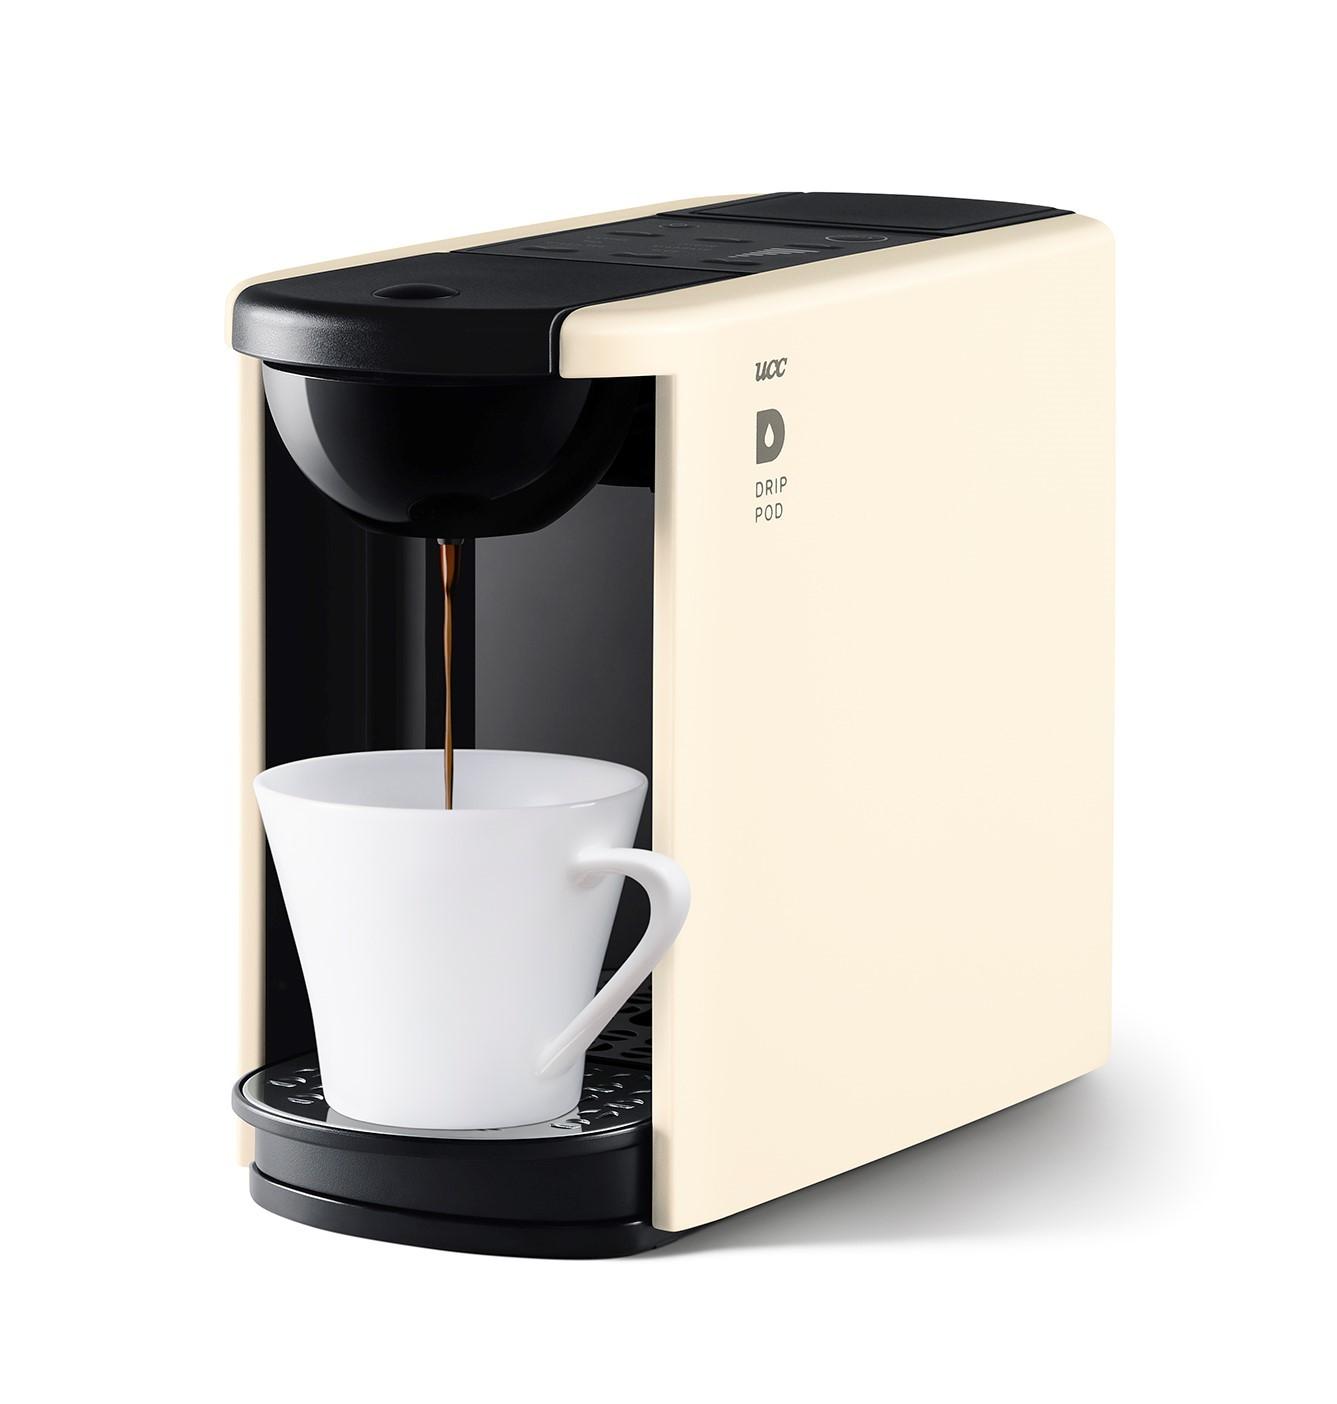 UCCのカプセル式ドリップコーヒーシステム『ドリップポッド』スペシャルティコーヒー使用の専用カプセル... 画像